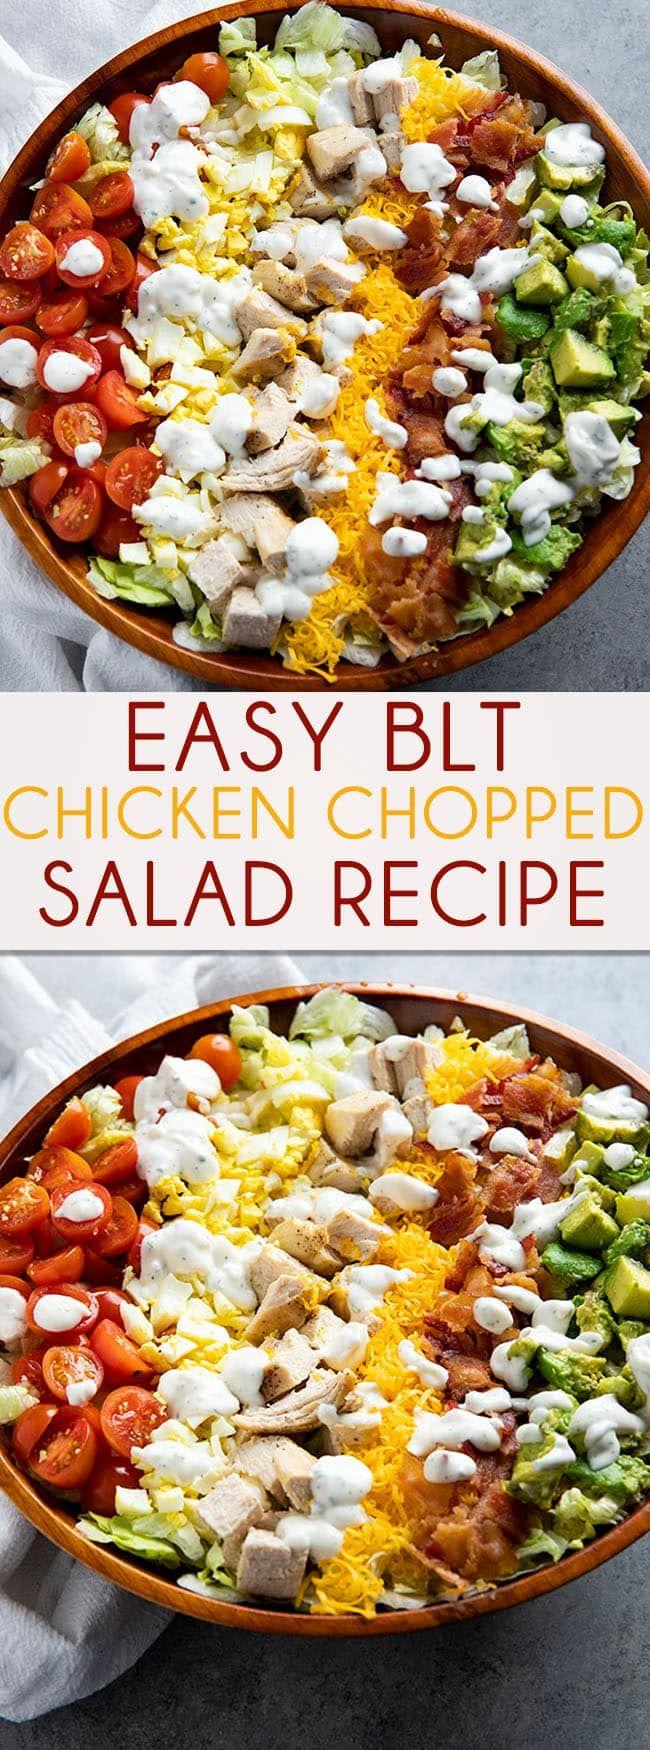 BLT Chicken Chopped Salad è pieno di lattuga fresca tritata, pollo succoso, croccante …